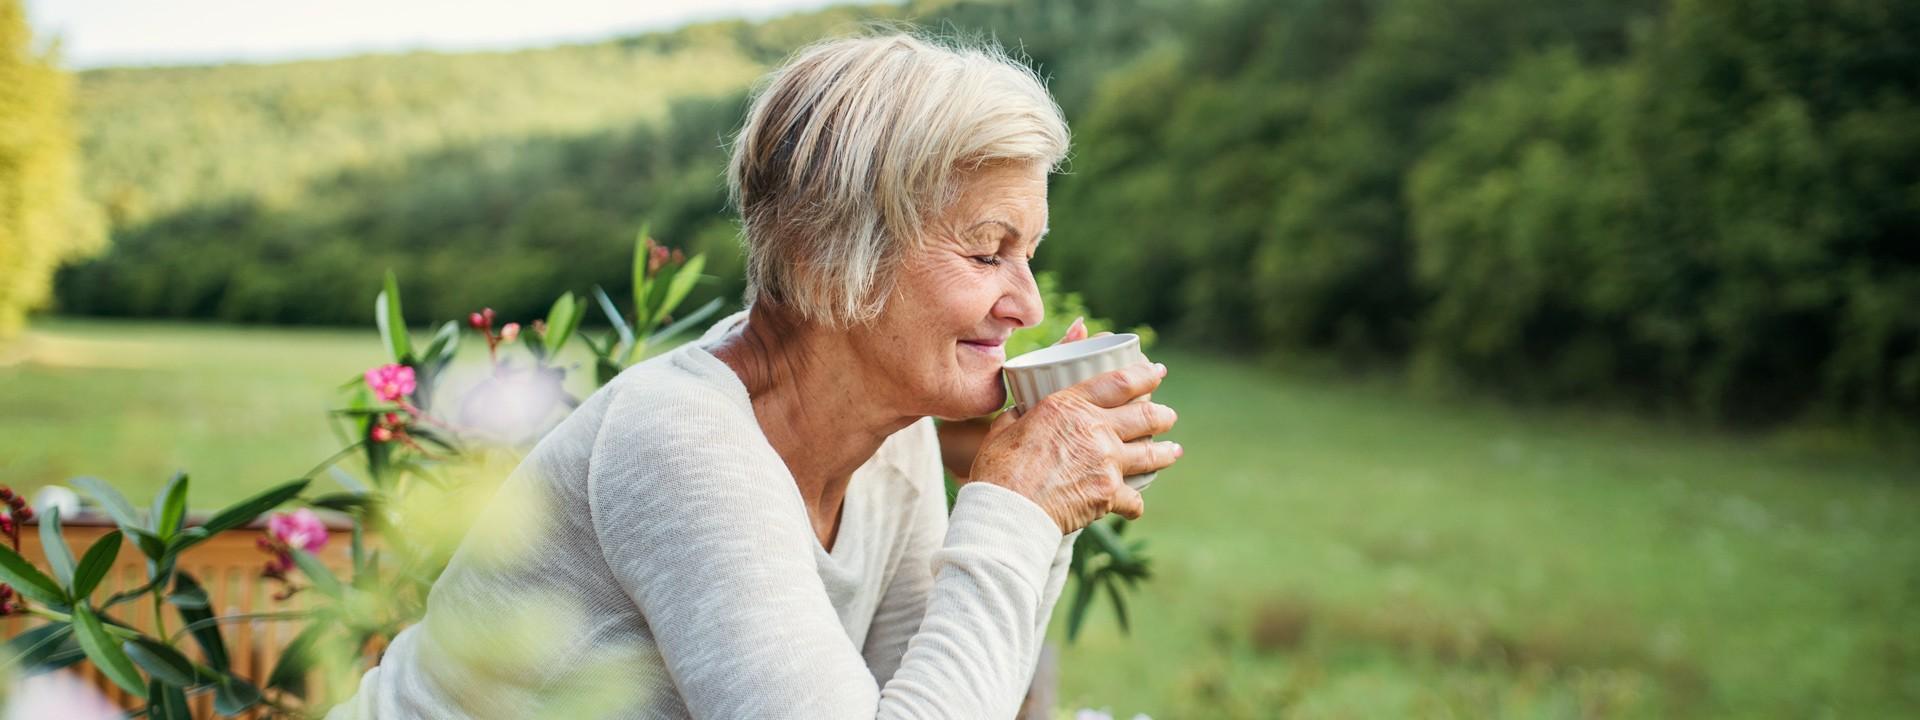 Eine Seniorin steht an einen Zaun gelehnt und trinkt eine Tasse Tee. Sie schaut in die Natur und lächelt.